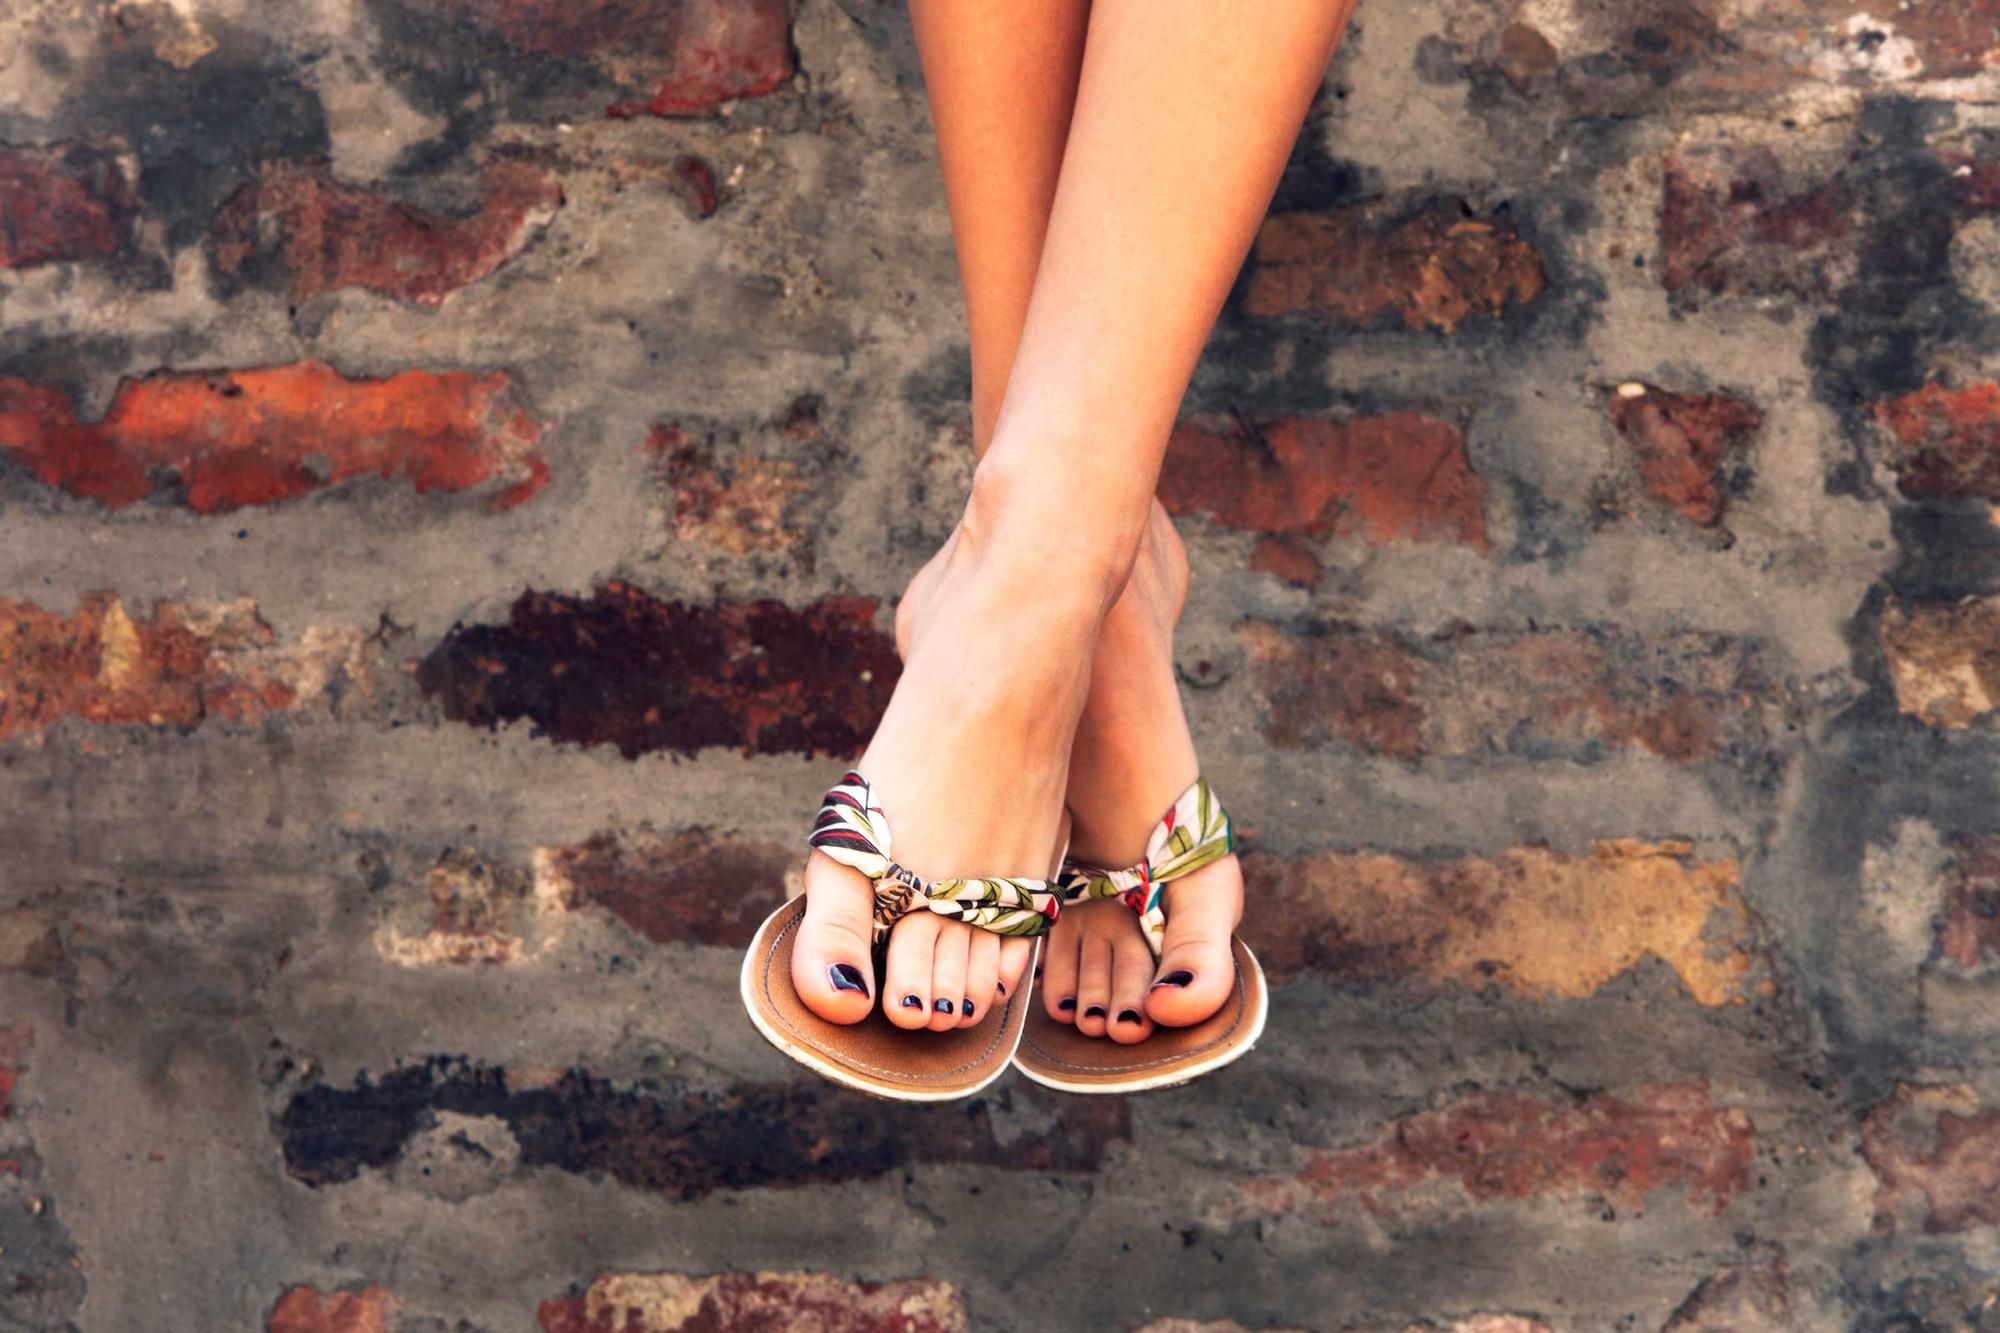 Đôi dép tông mùa hè có thể đang ảnh hưởng đôi chân của bạn theo những cách này - Ảnh 4.